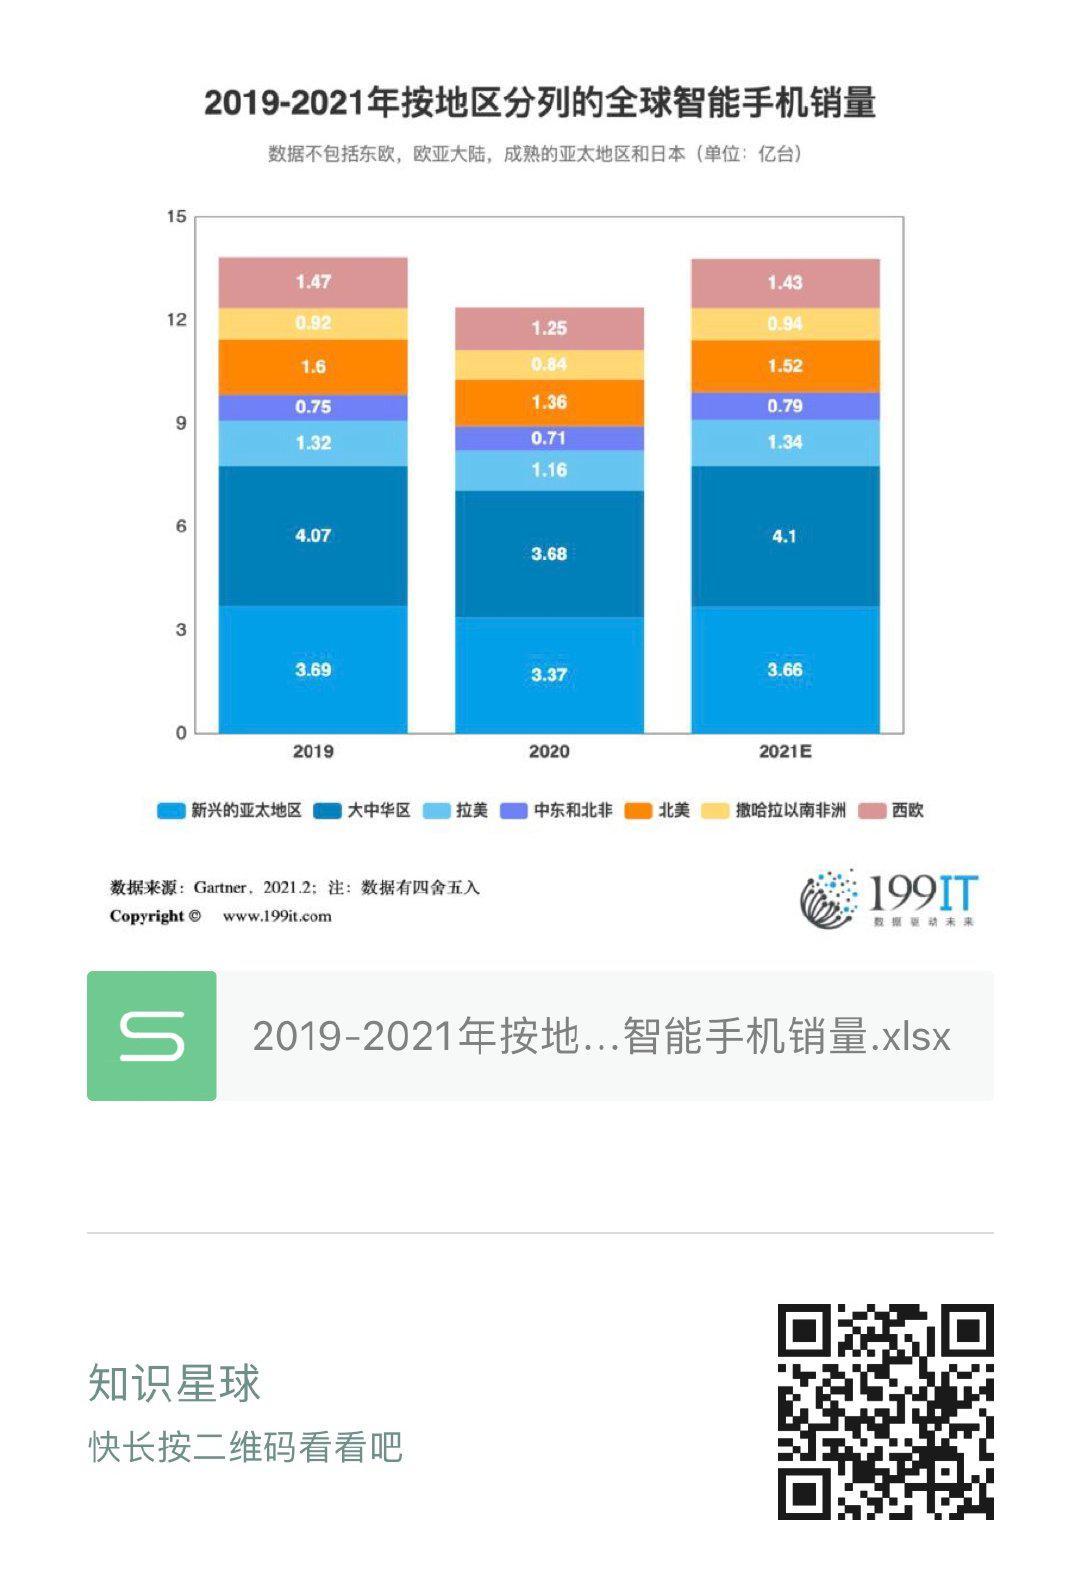 2019-2021年按地區分列的全球智慧手機銷量(附原資料表) 